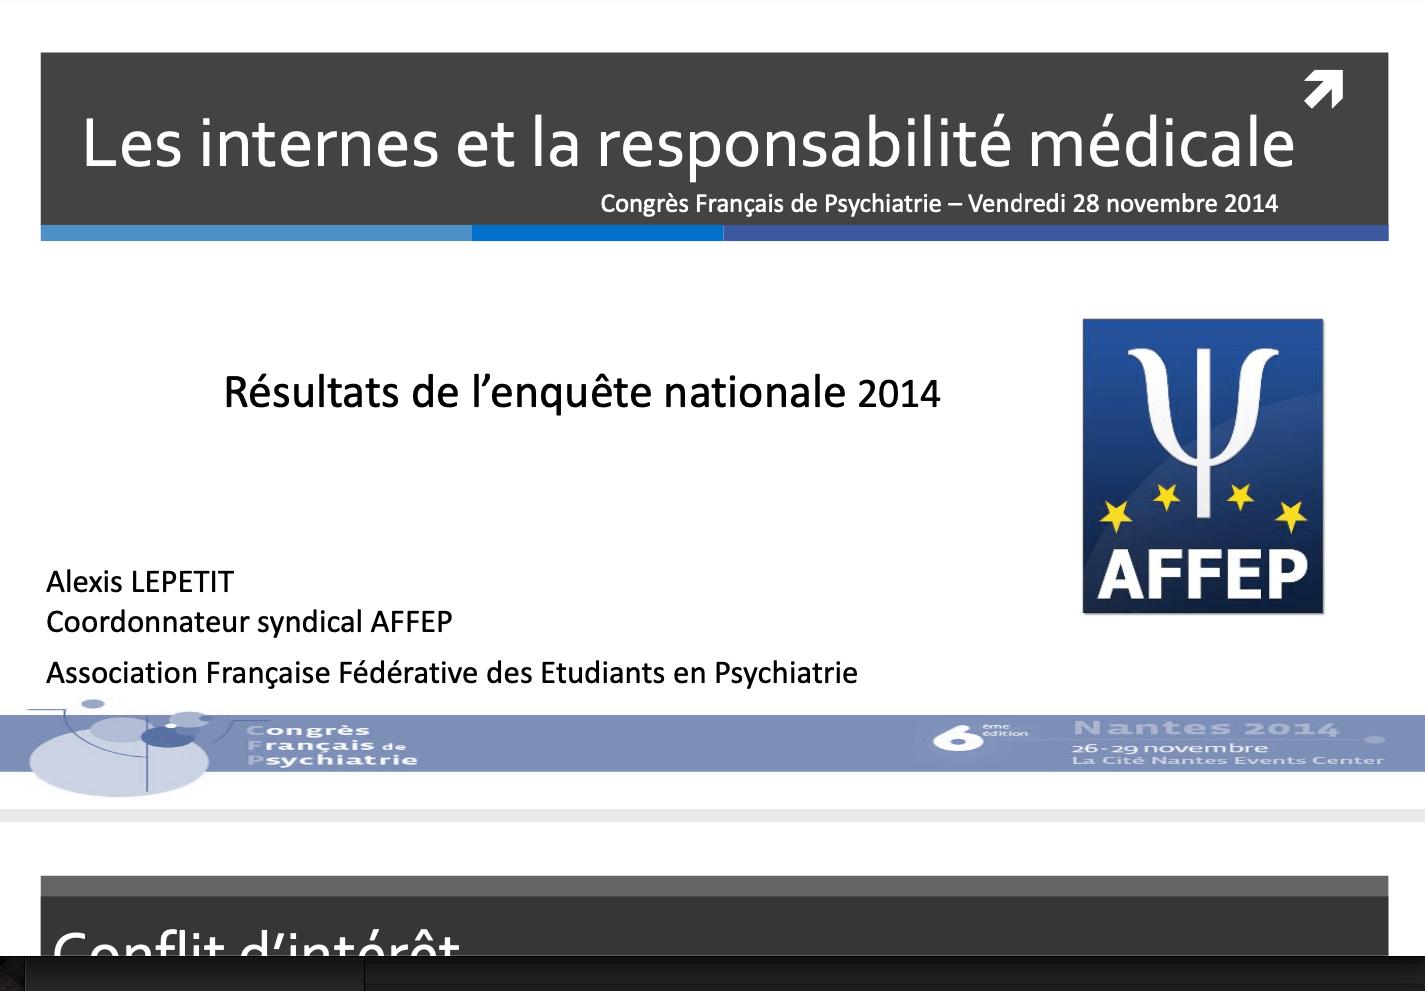 2013-2014 Les internes et la responsabilité médicale